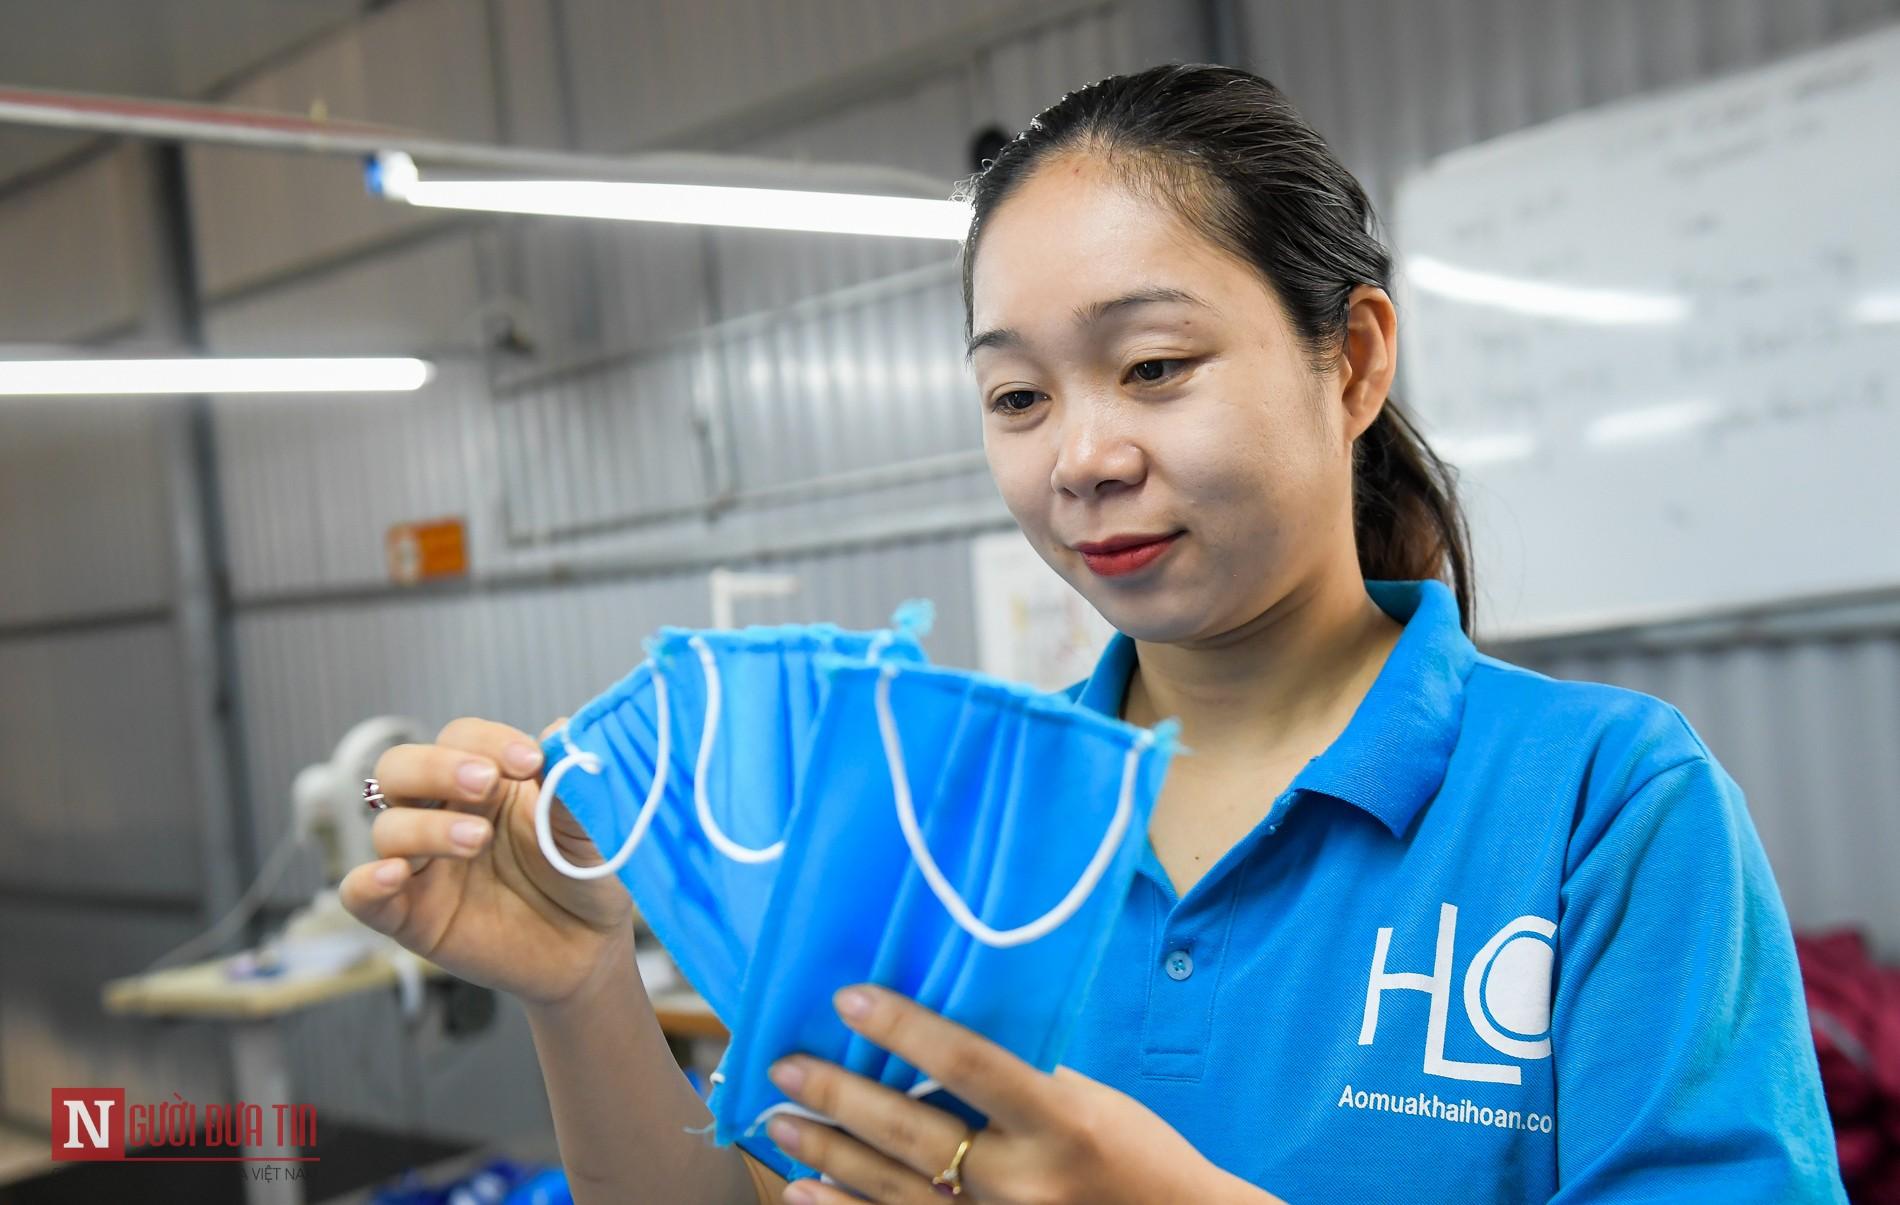 chị Lê Thị Thắm (Đông Anh, Hà Nội) giám đốc của một công ty chuyên sản xuất áo mưa